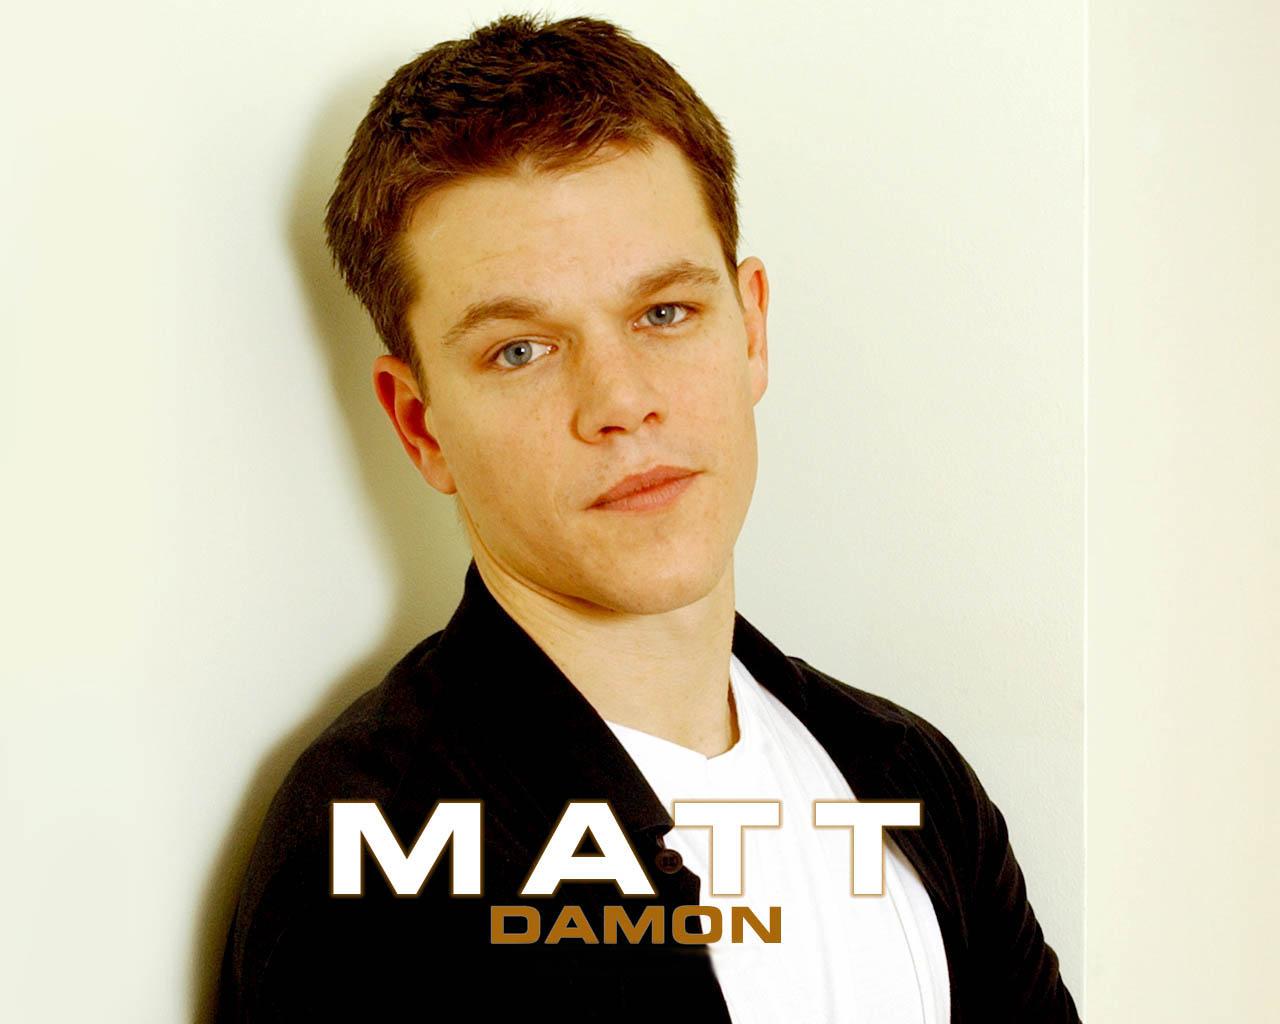 Bought Zoo Matt Damon